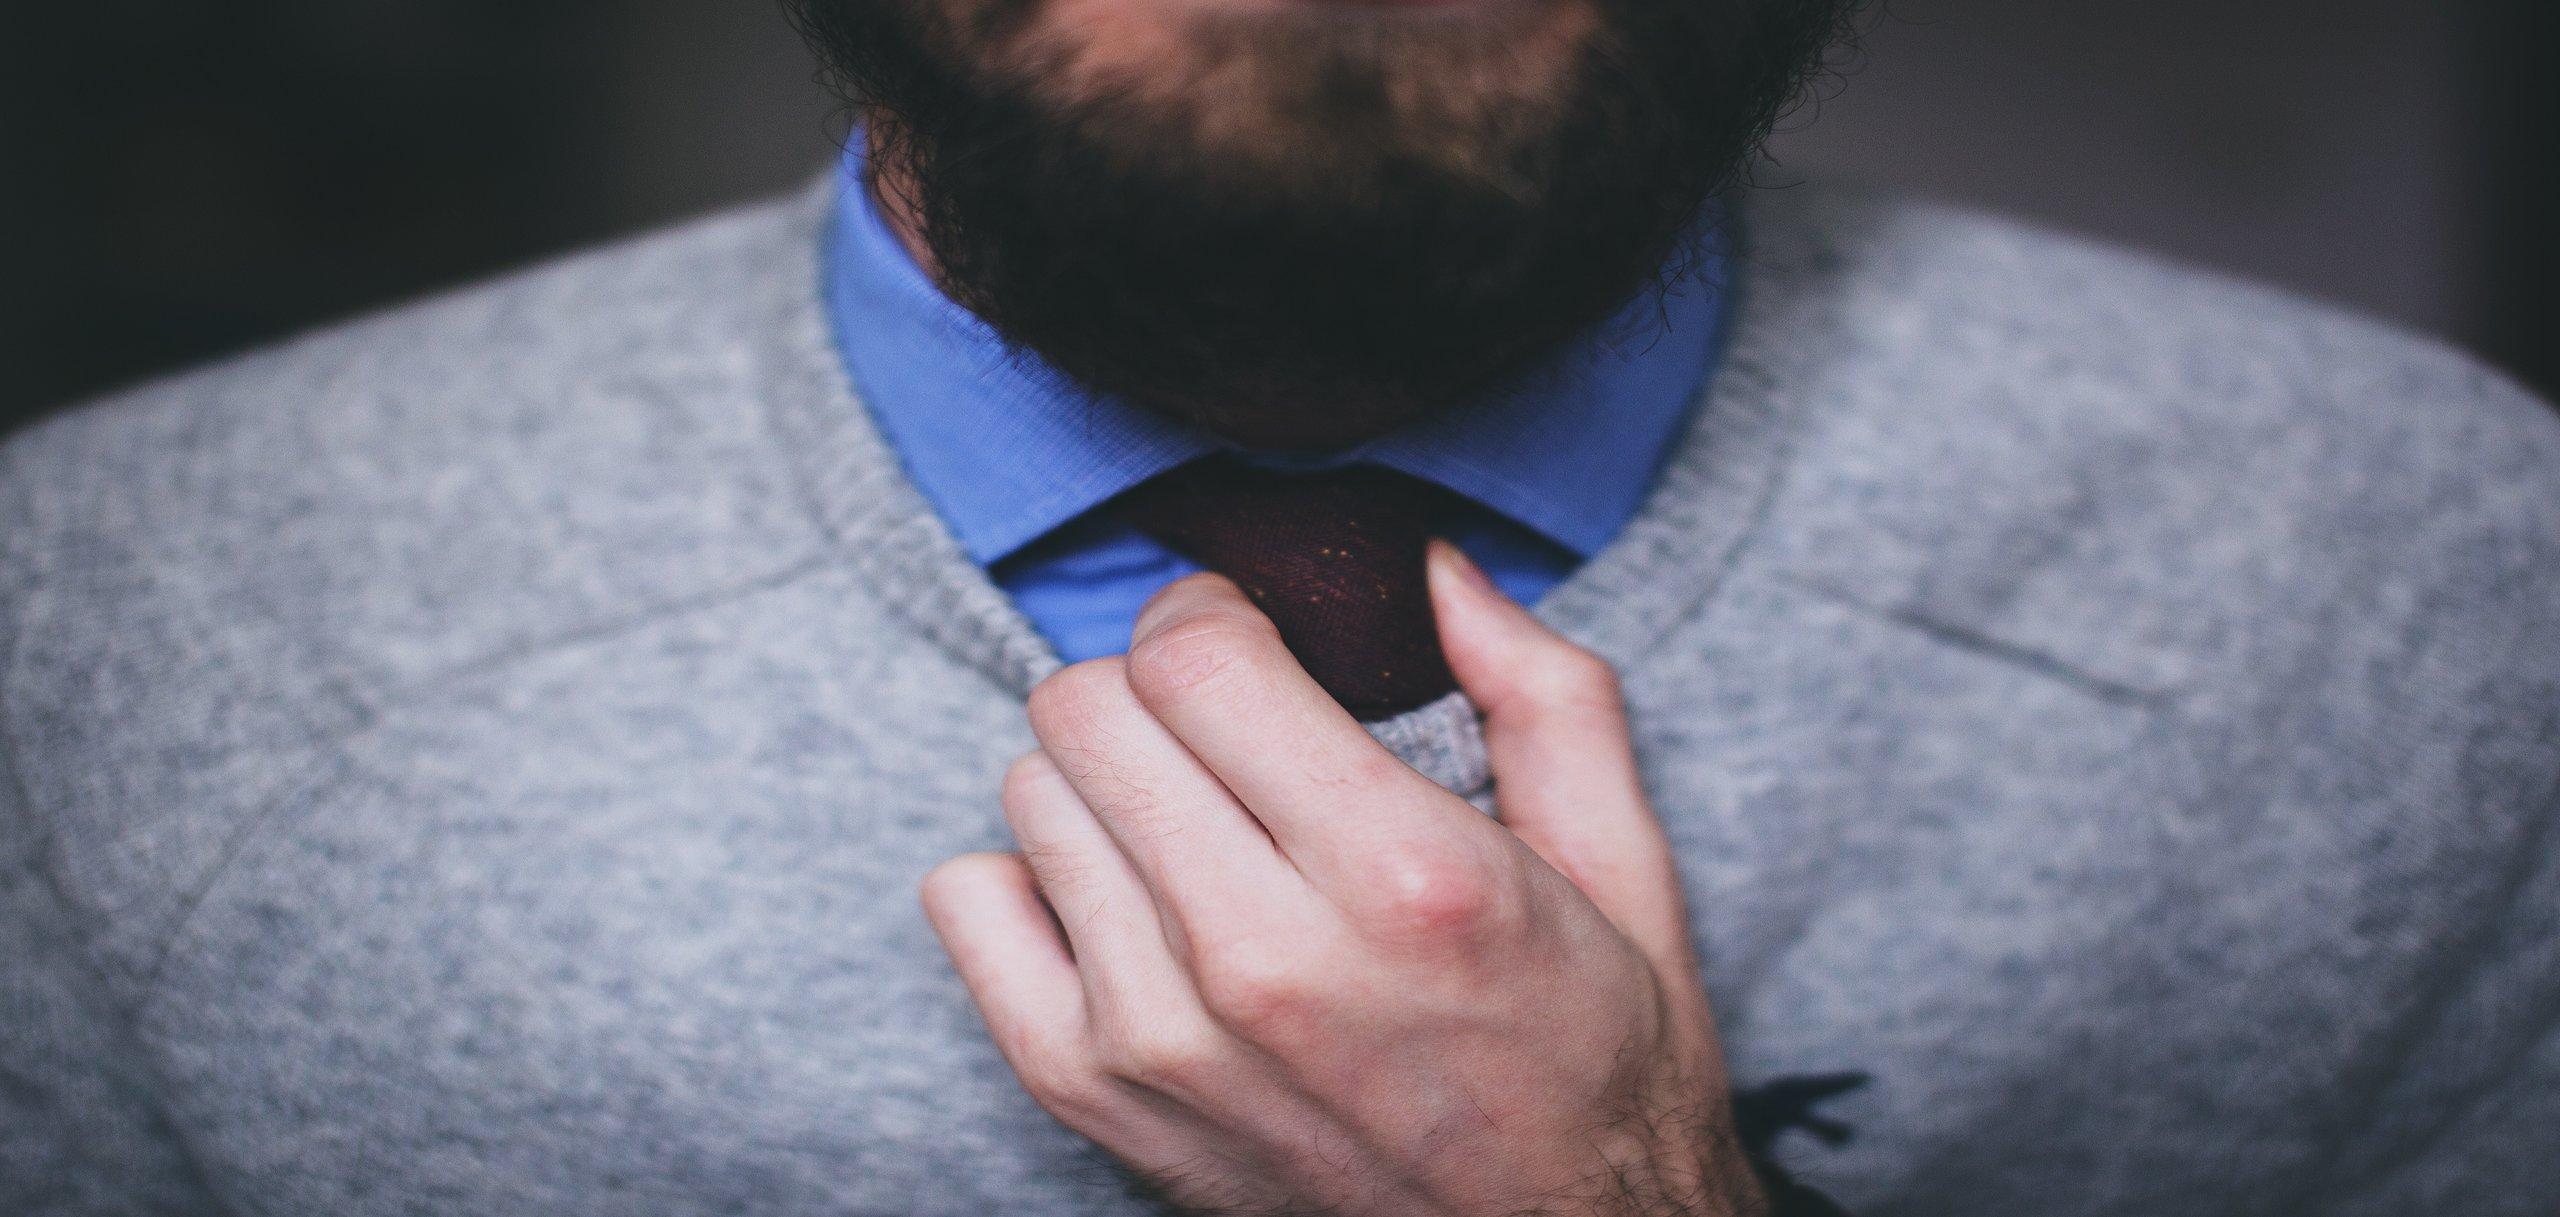 rsz_tie-businessman-pullover-man-12628_1